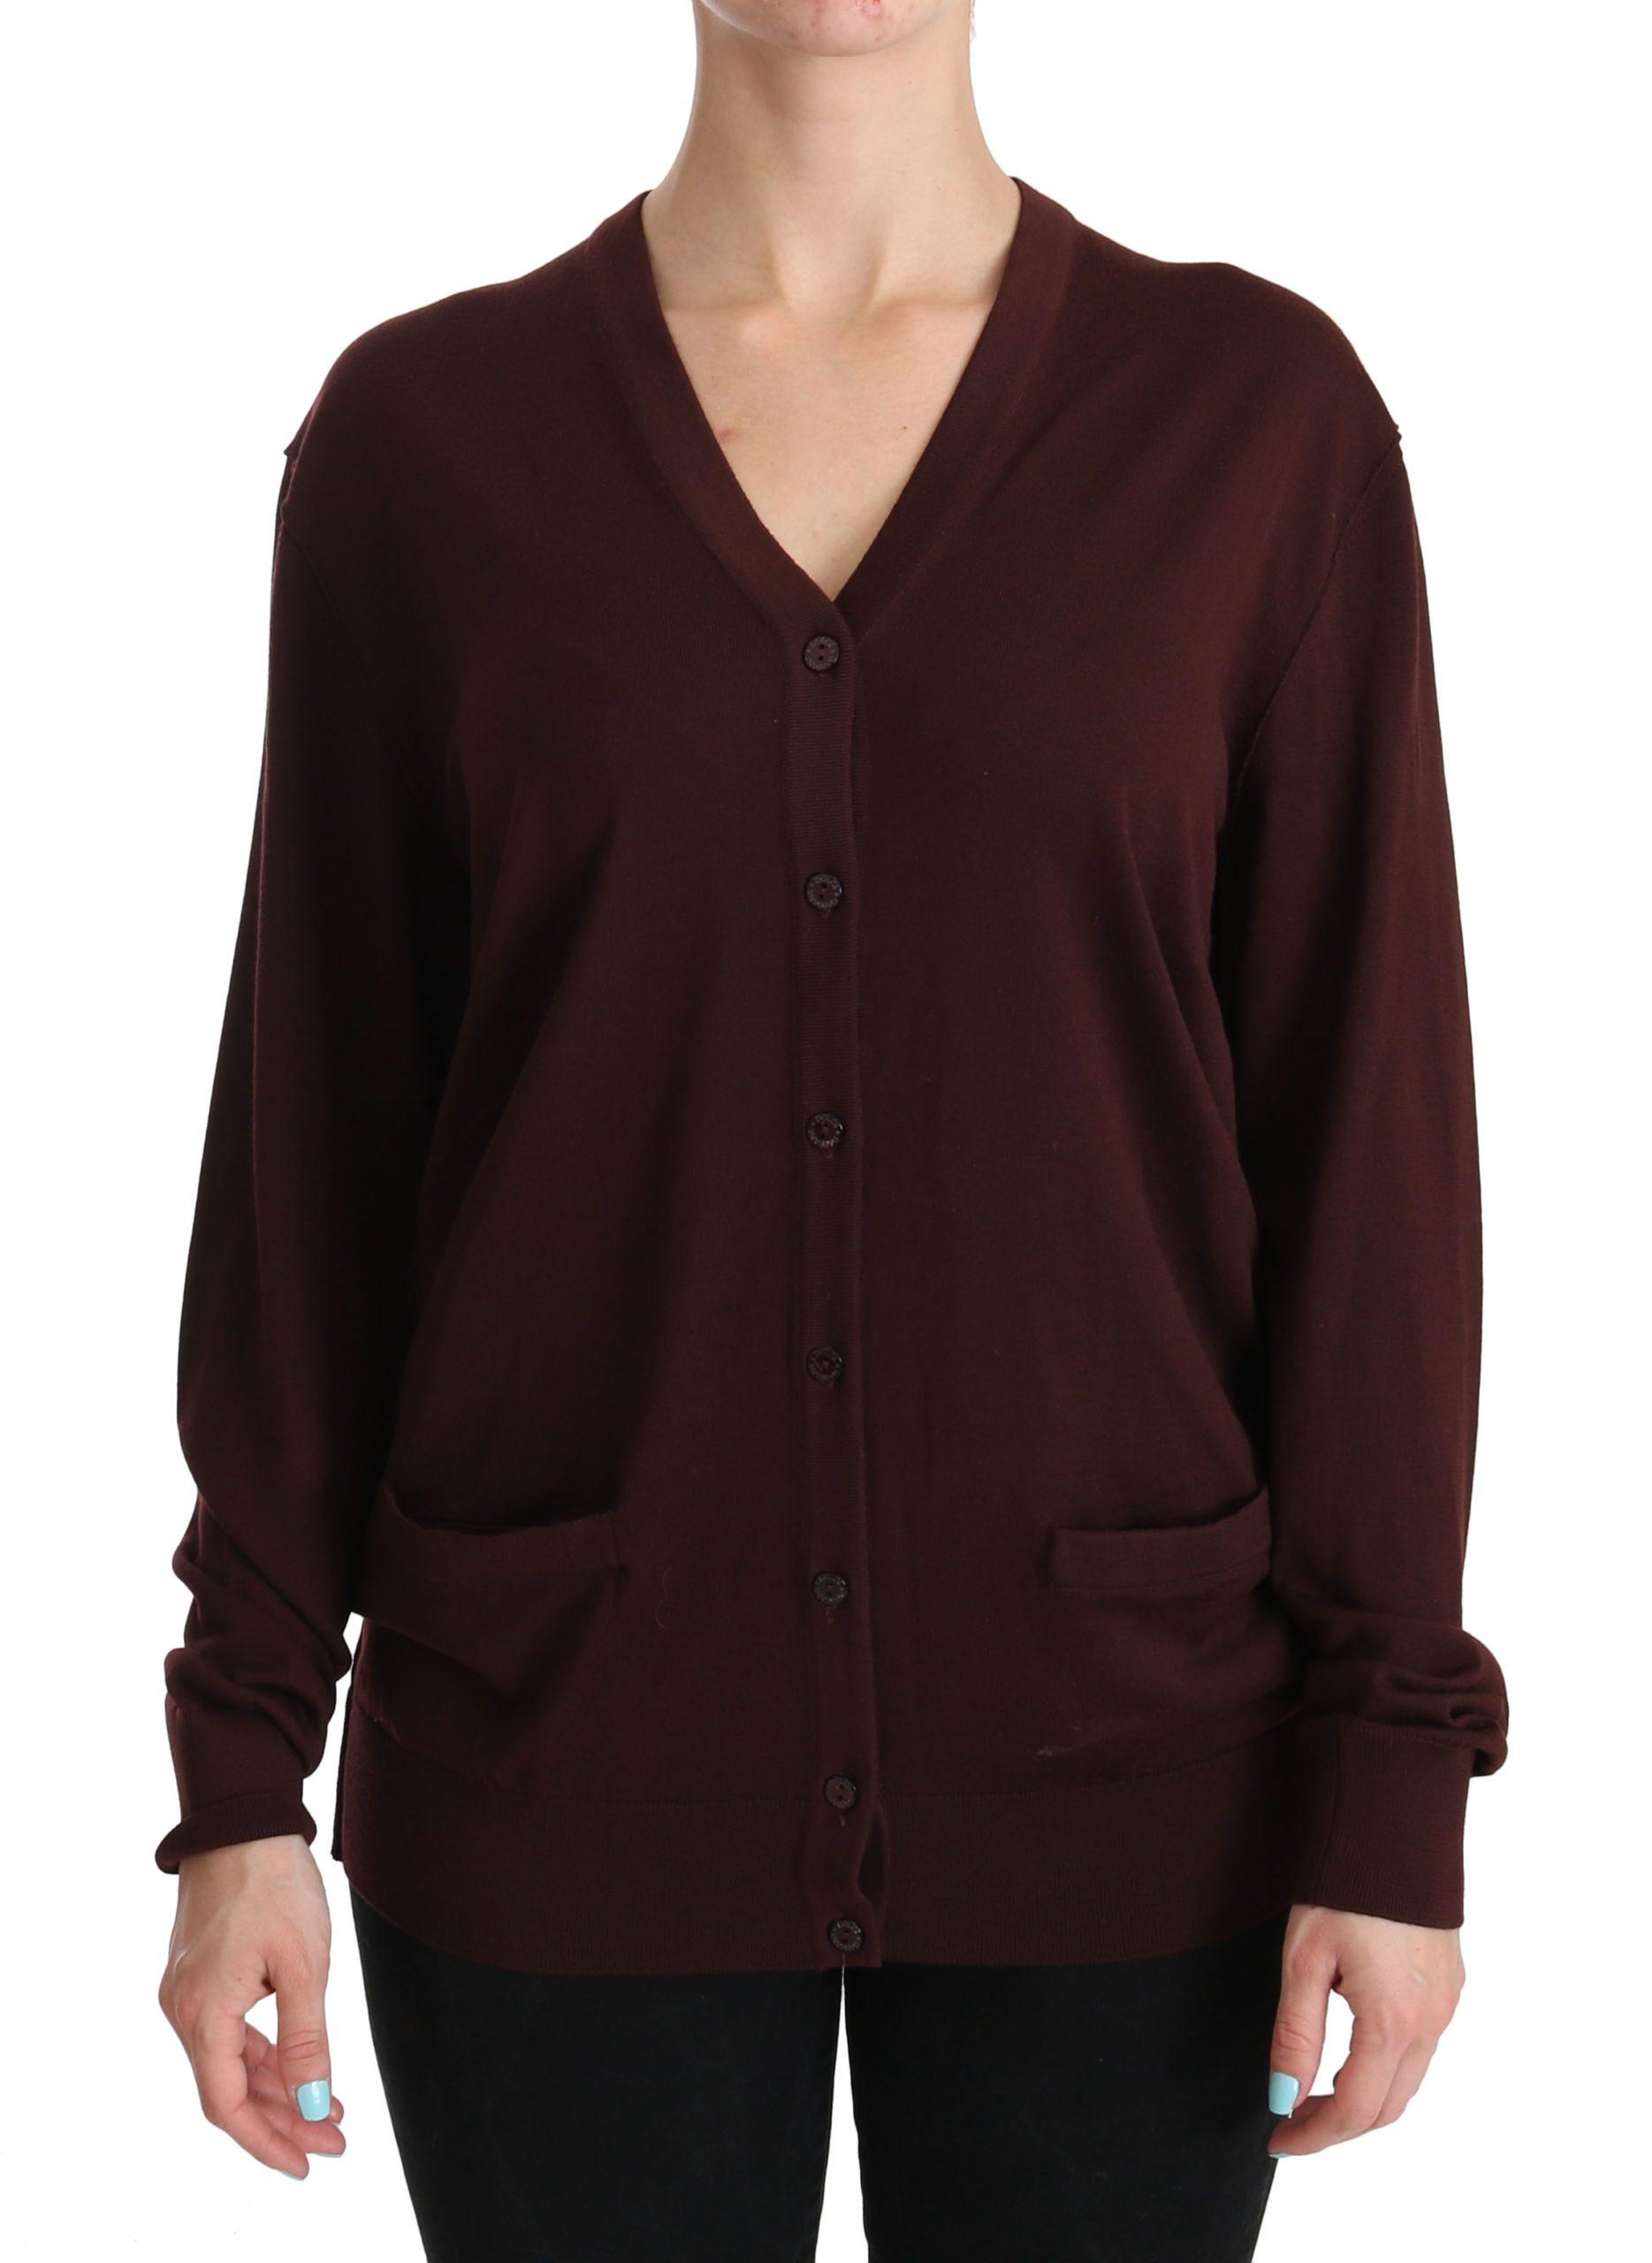 Dolce & Gabbana Women's V-neck Top Virgin Wool Cardigan Bordeaux TSH3897 - IT44|L